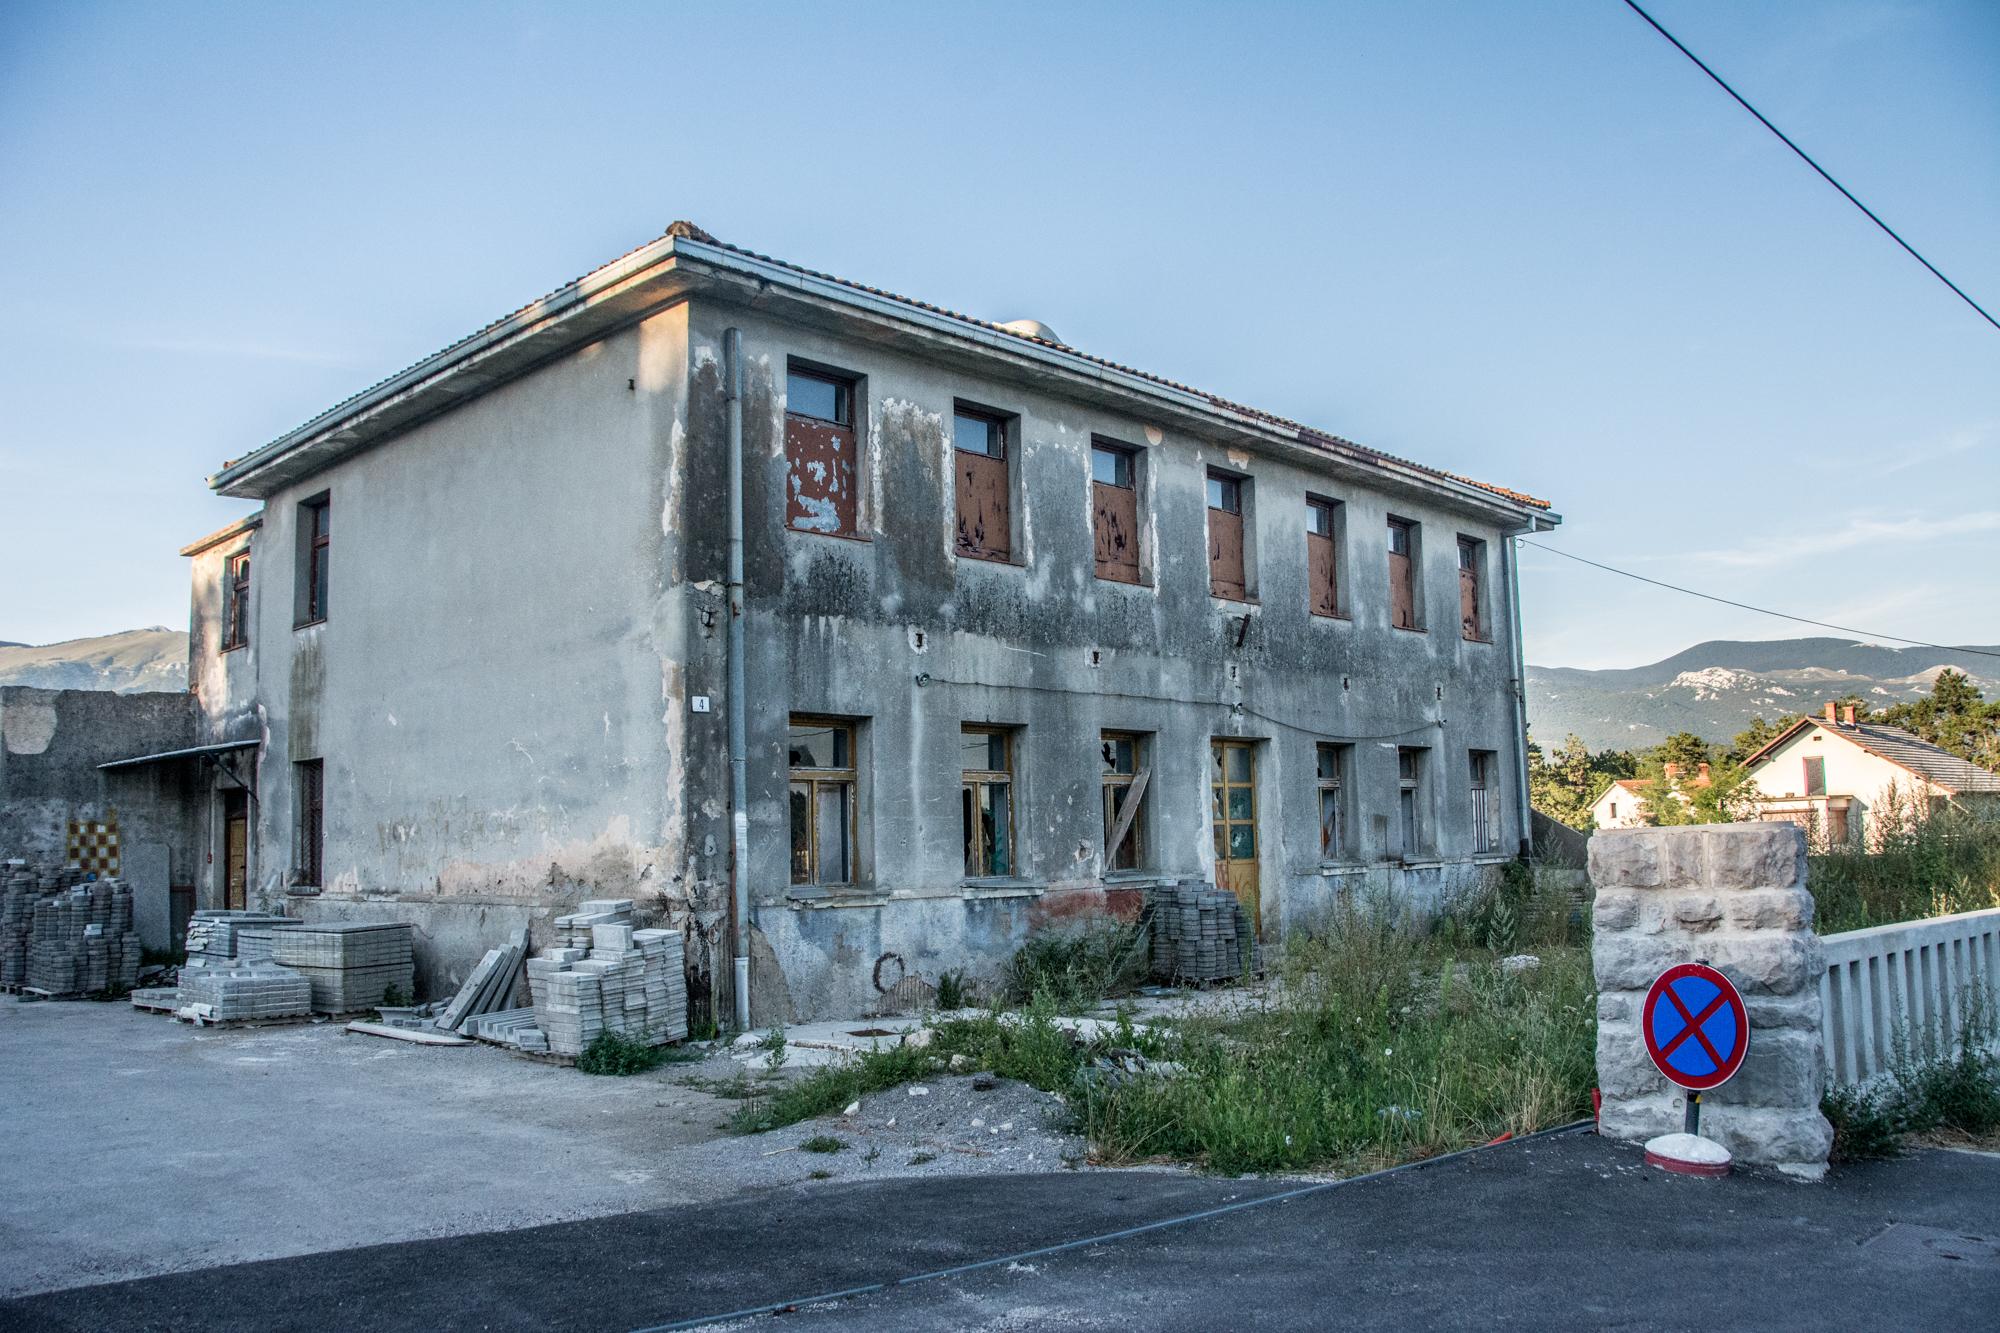 Marčelja: U ovom mandatu graditi će se Dom za starije i nemoćne u Jelenju u suradnji s PGŽ